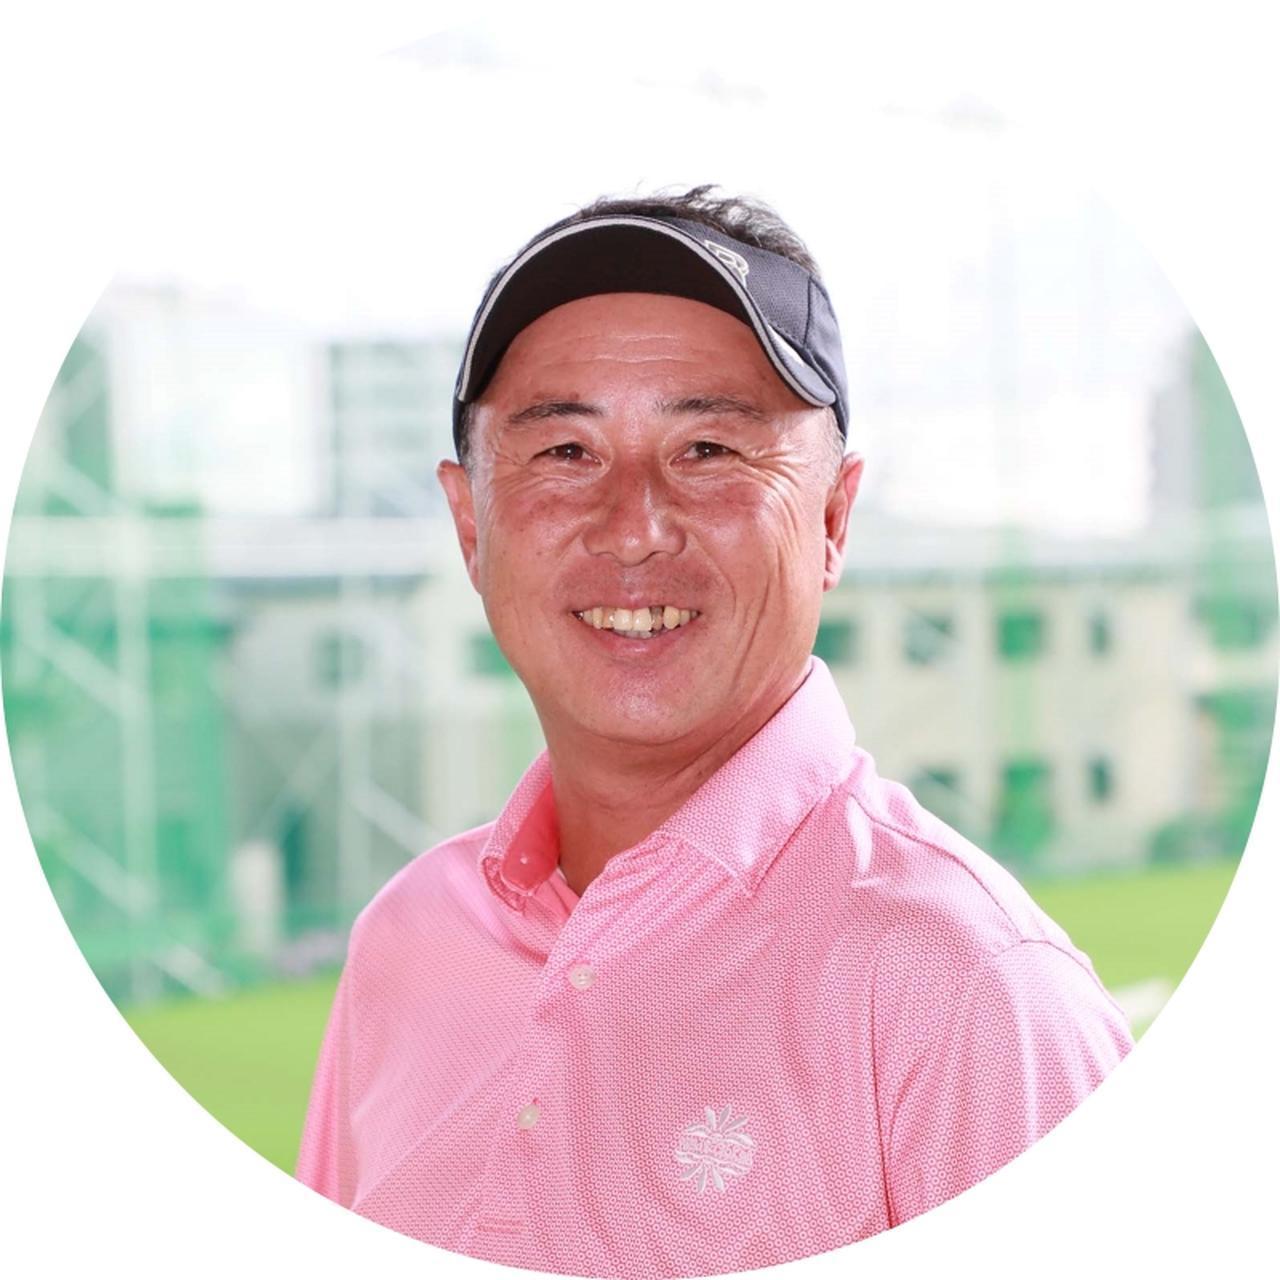 画像: 【解説】北野正之プロ 女子プロやアマチュアの指導経験が豊富。伸び悩むゴルファーに気づきを与える指導を得意とする。松原ゴルフアカデミー所属